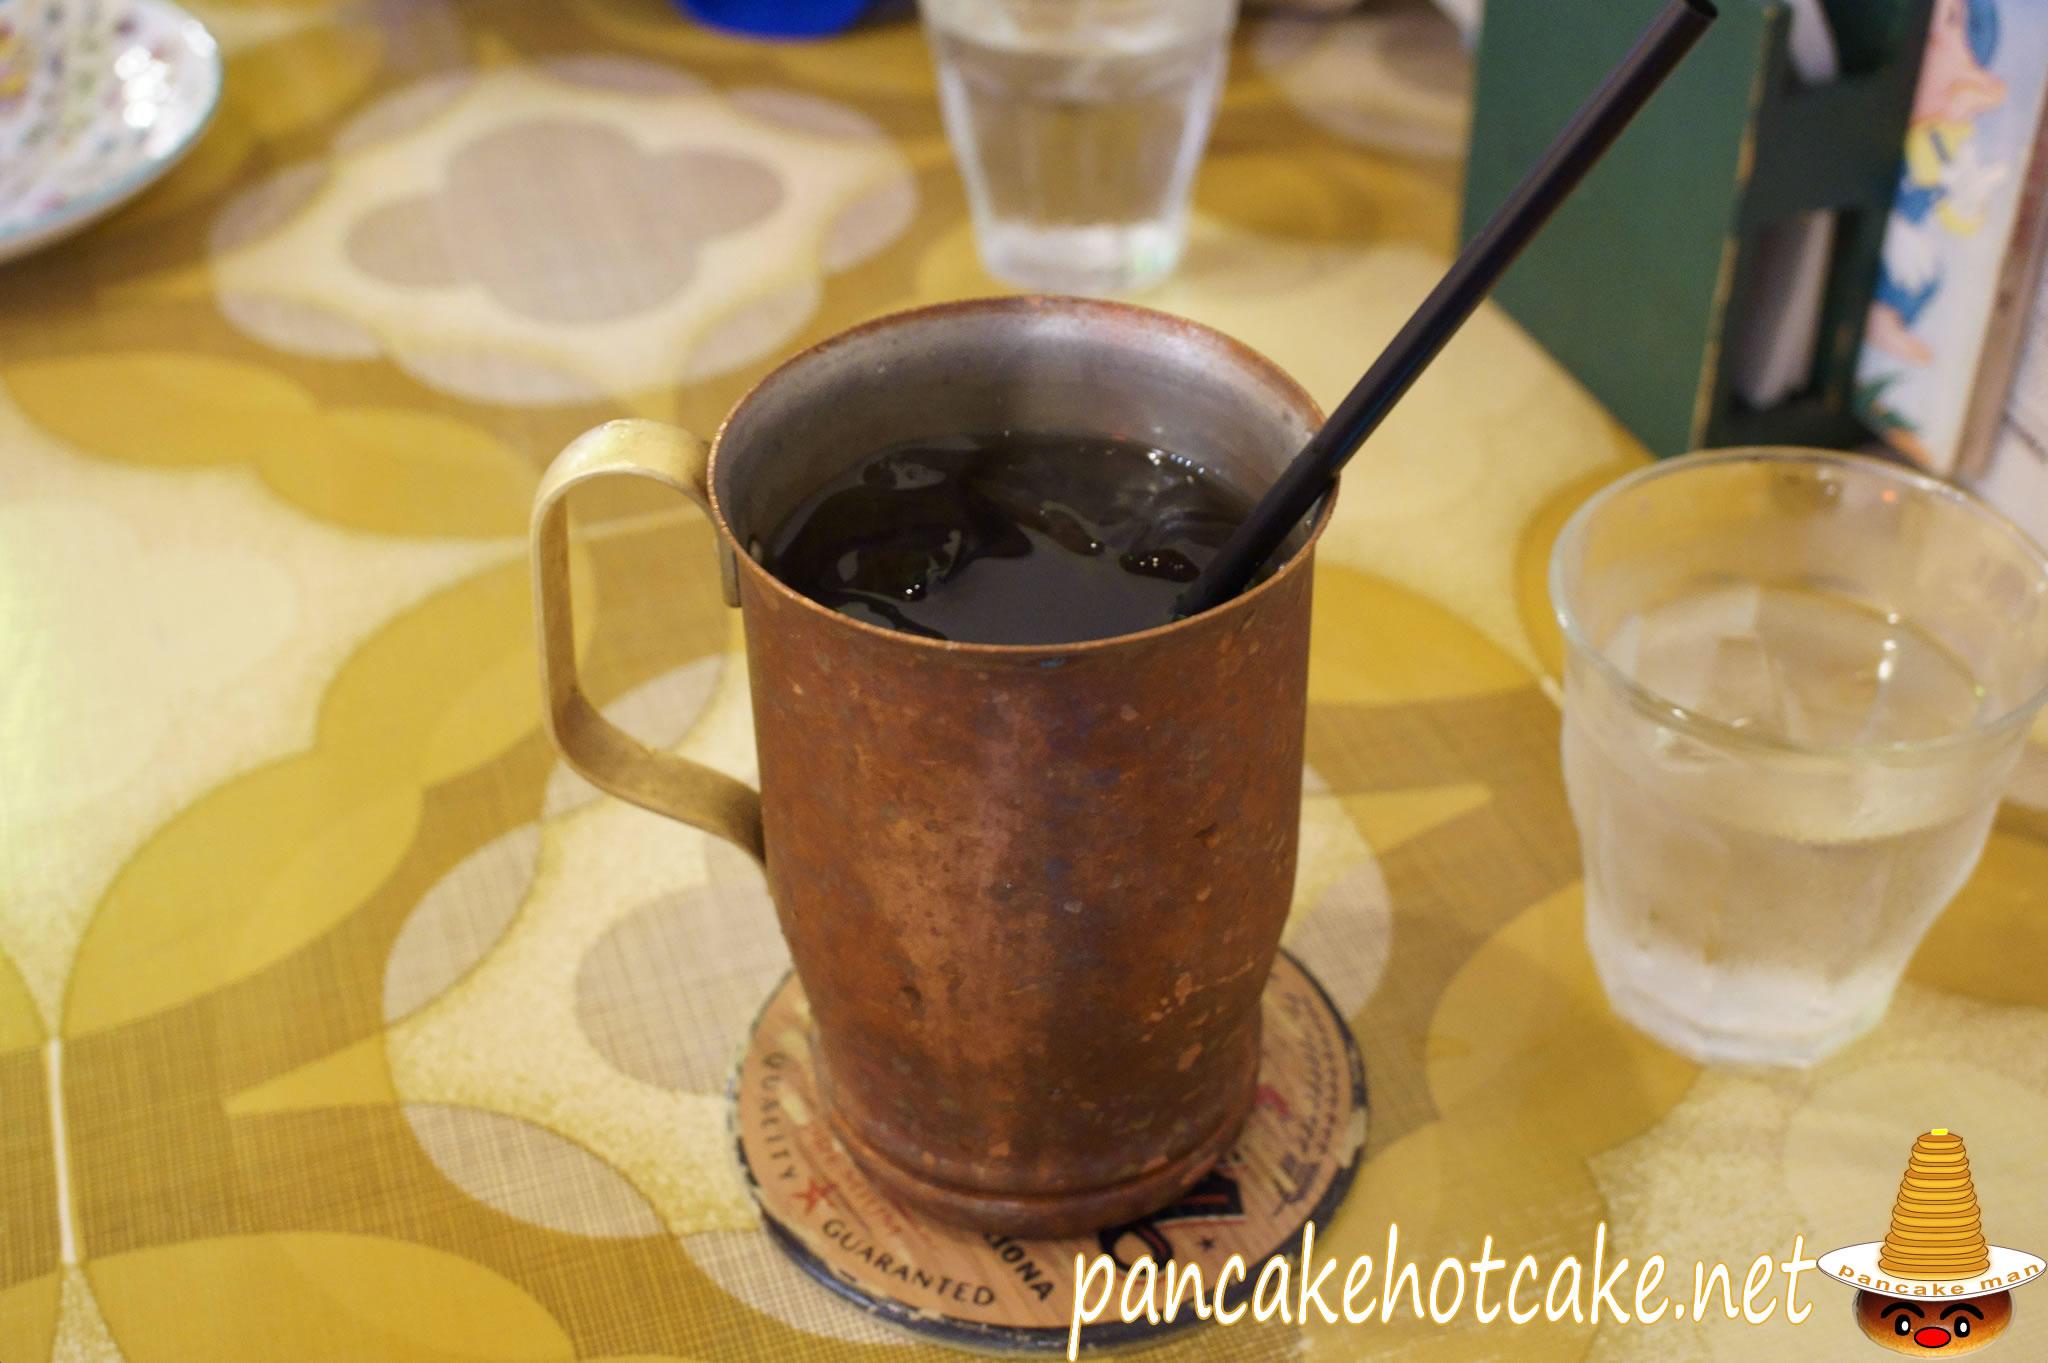 プリンのお供にアイスコーヒーのブラック♪カフェ トキオナ(大阪、南森町、大阪天満宮)